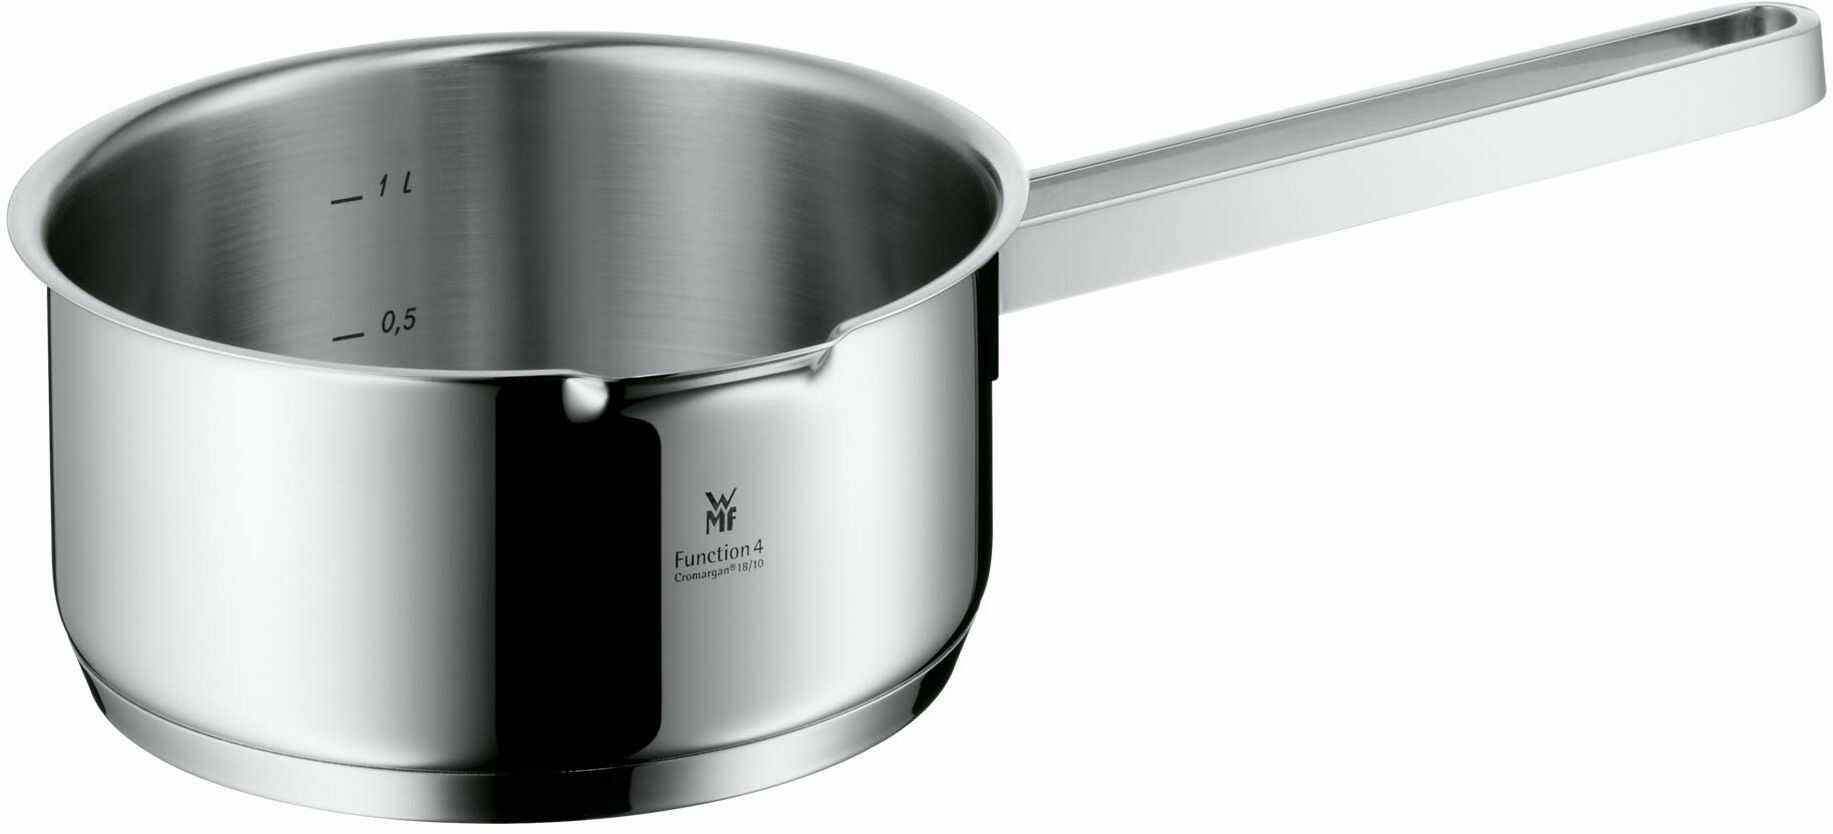 WMF Function 4 rondel bez pokrywki 16 cm, garnek do gotowania 1,4 l, garnek do mleka ze stali szlachetnej Cromargan, 4 funkcje odcedzania, garnek indukcyjny czerwony, wewnętrzna skala pomiarowa